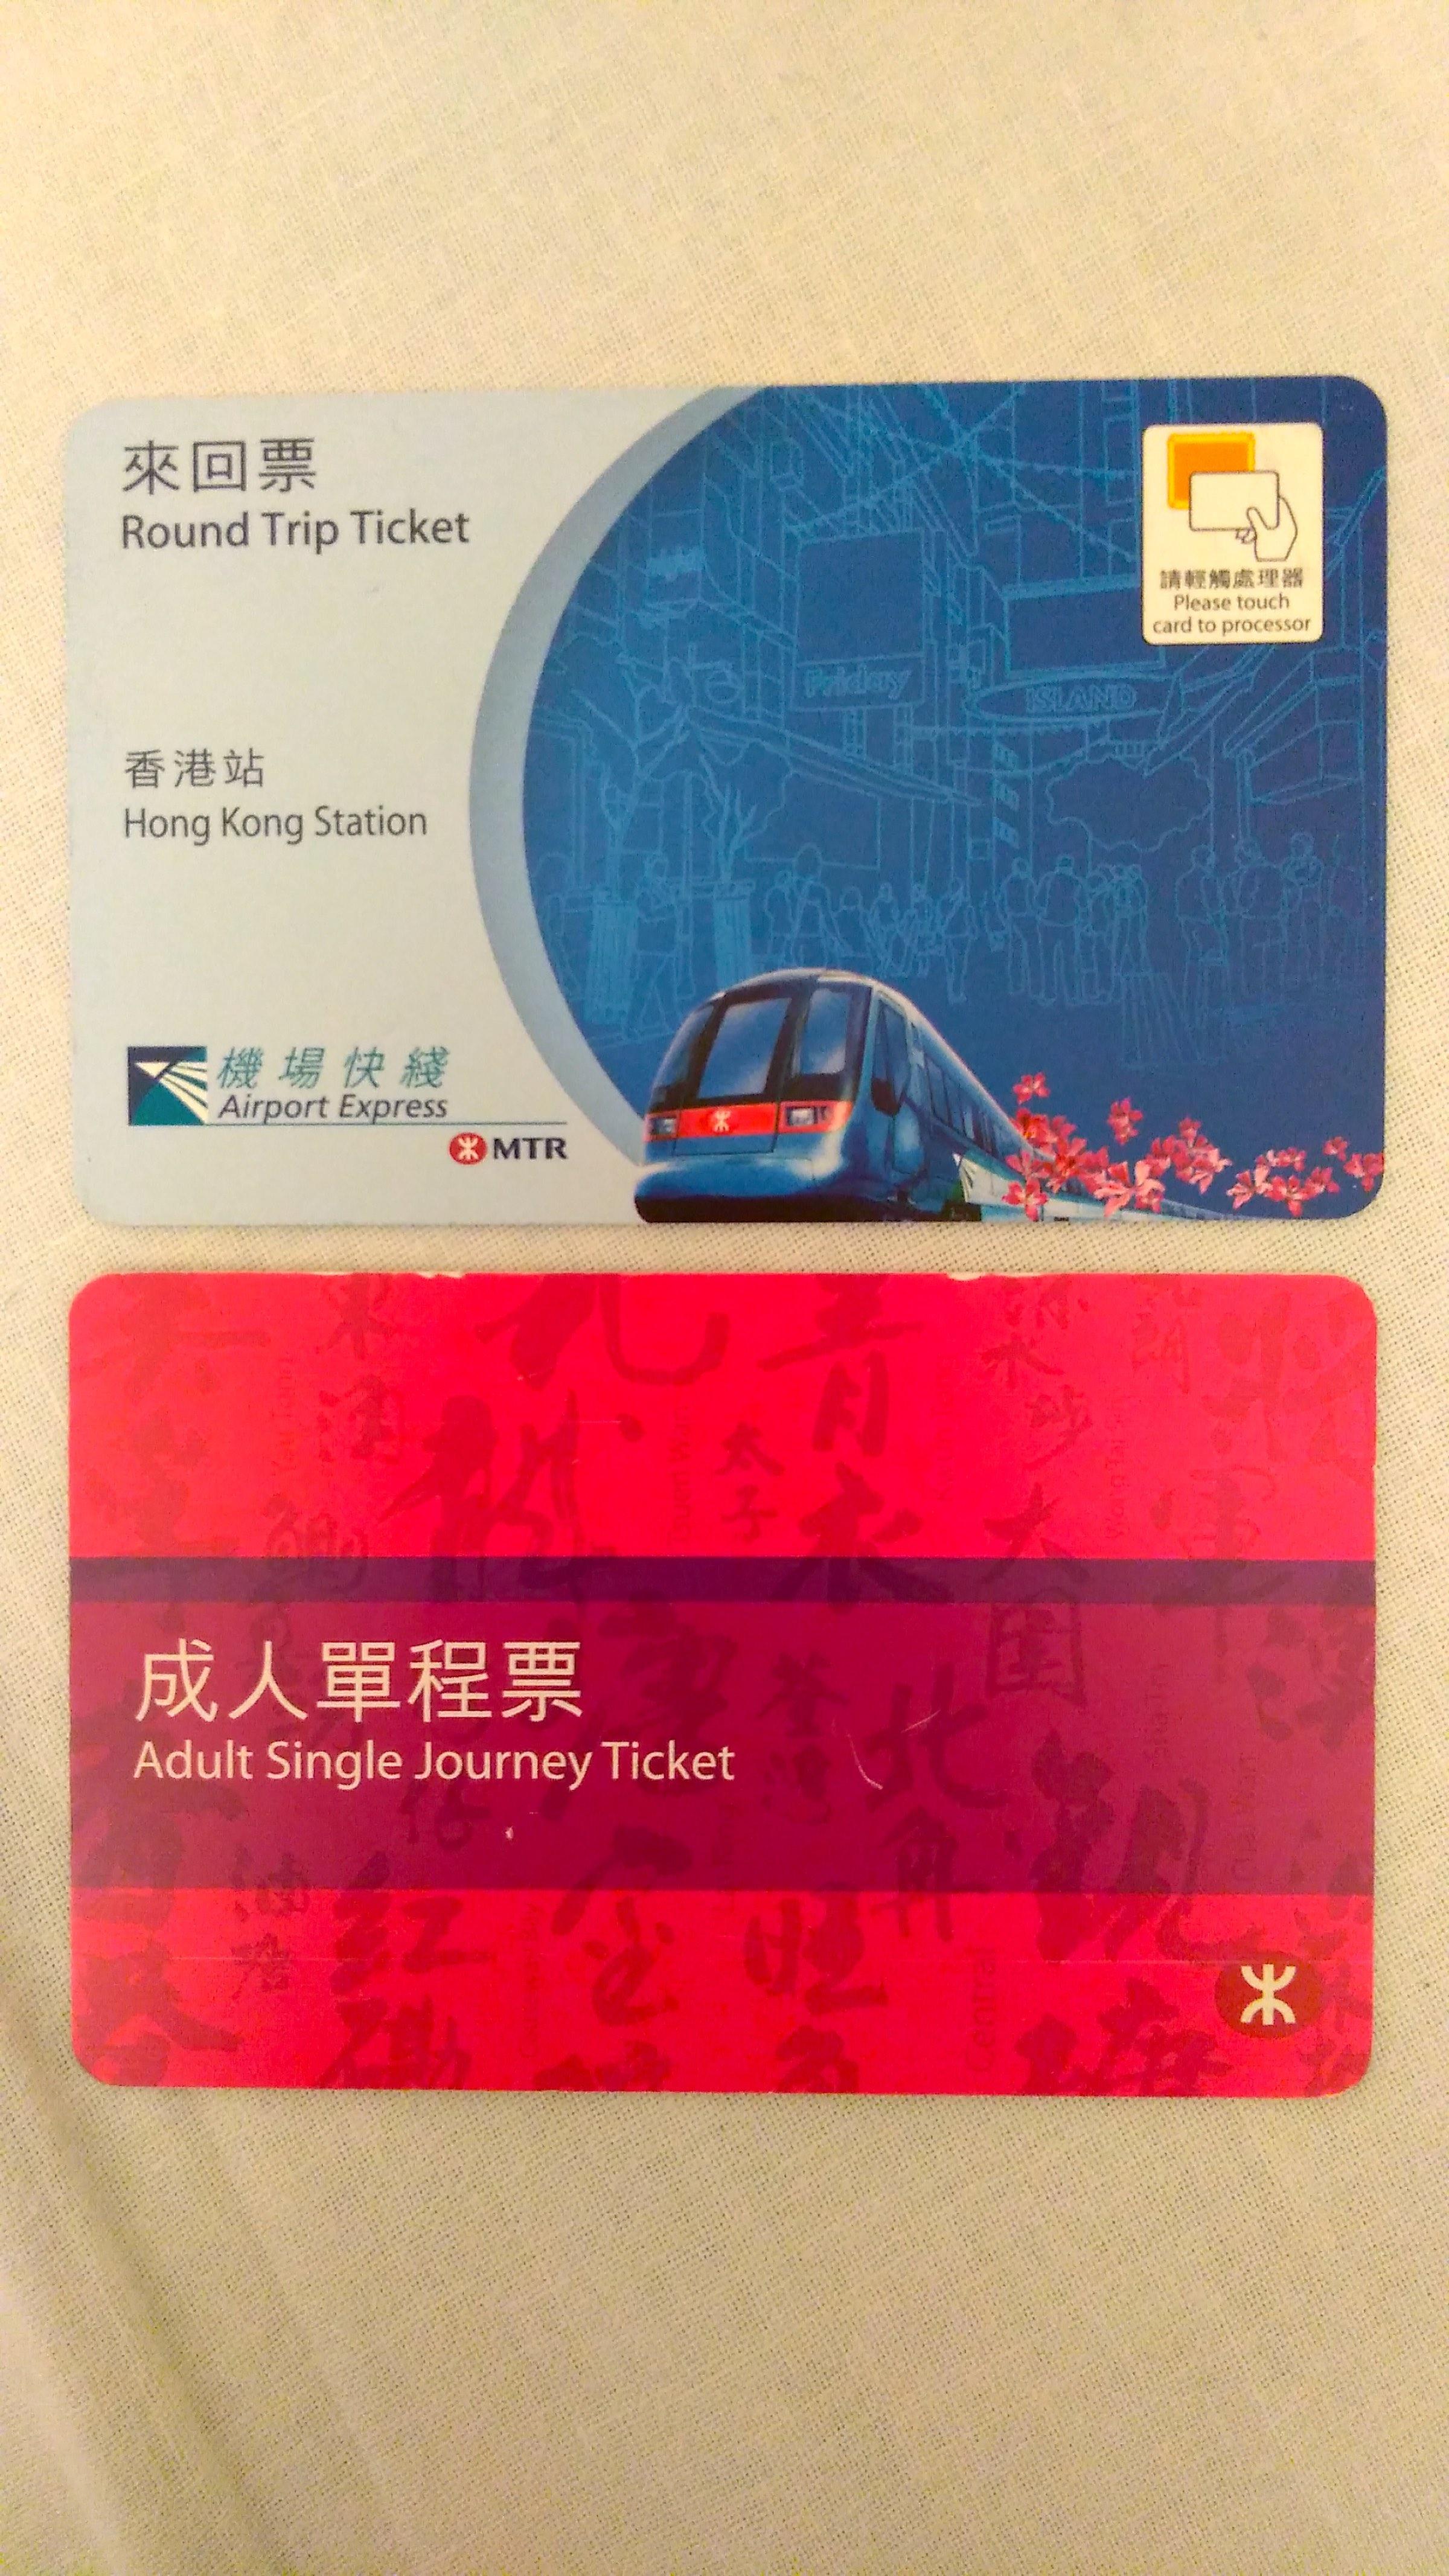 香港地下鉄 高速鉄道 チケット_[1]